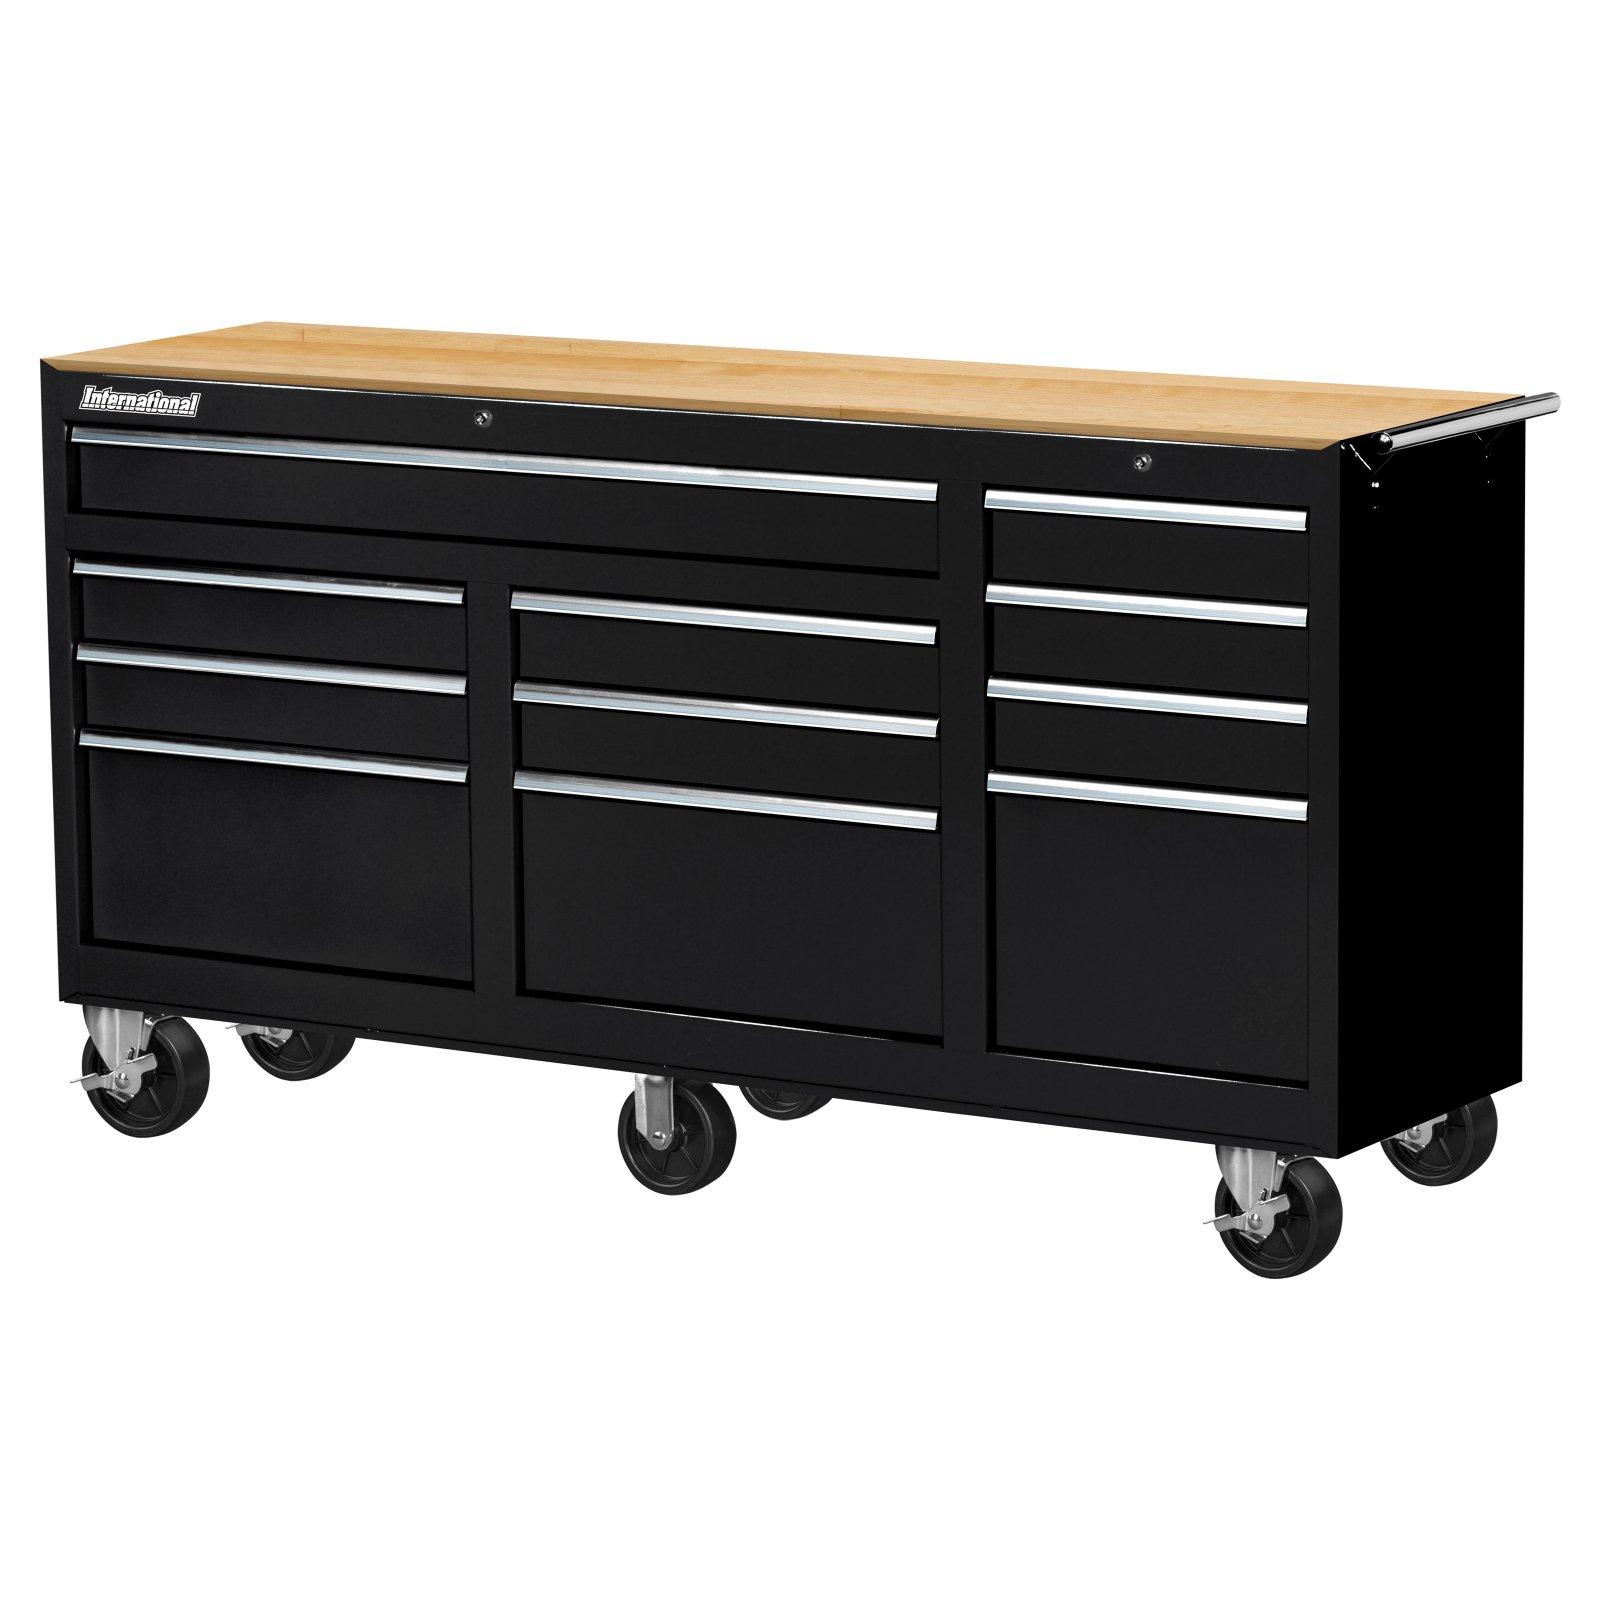 SPG-International Ltee Workshop Series 11 Drawer Mobile Cabinet